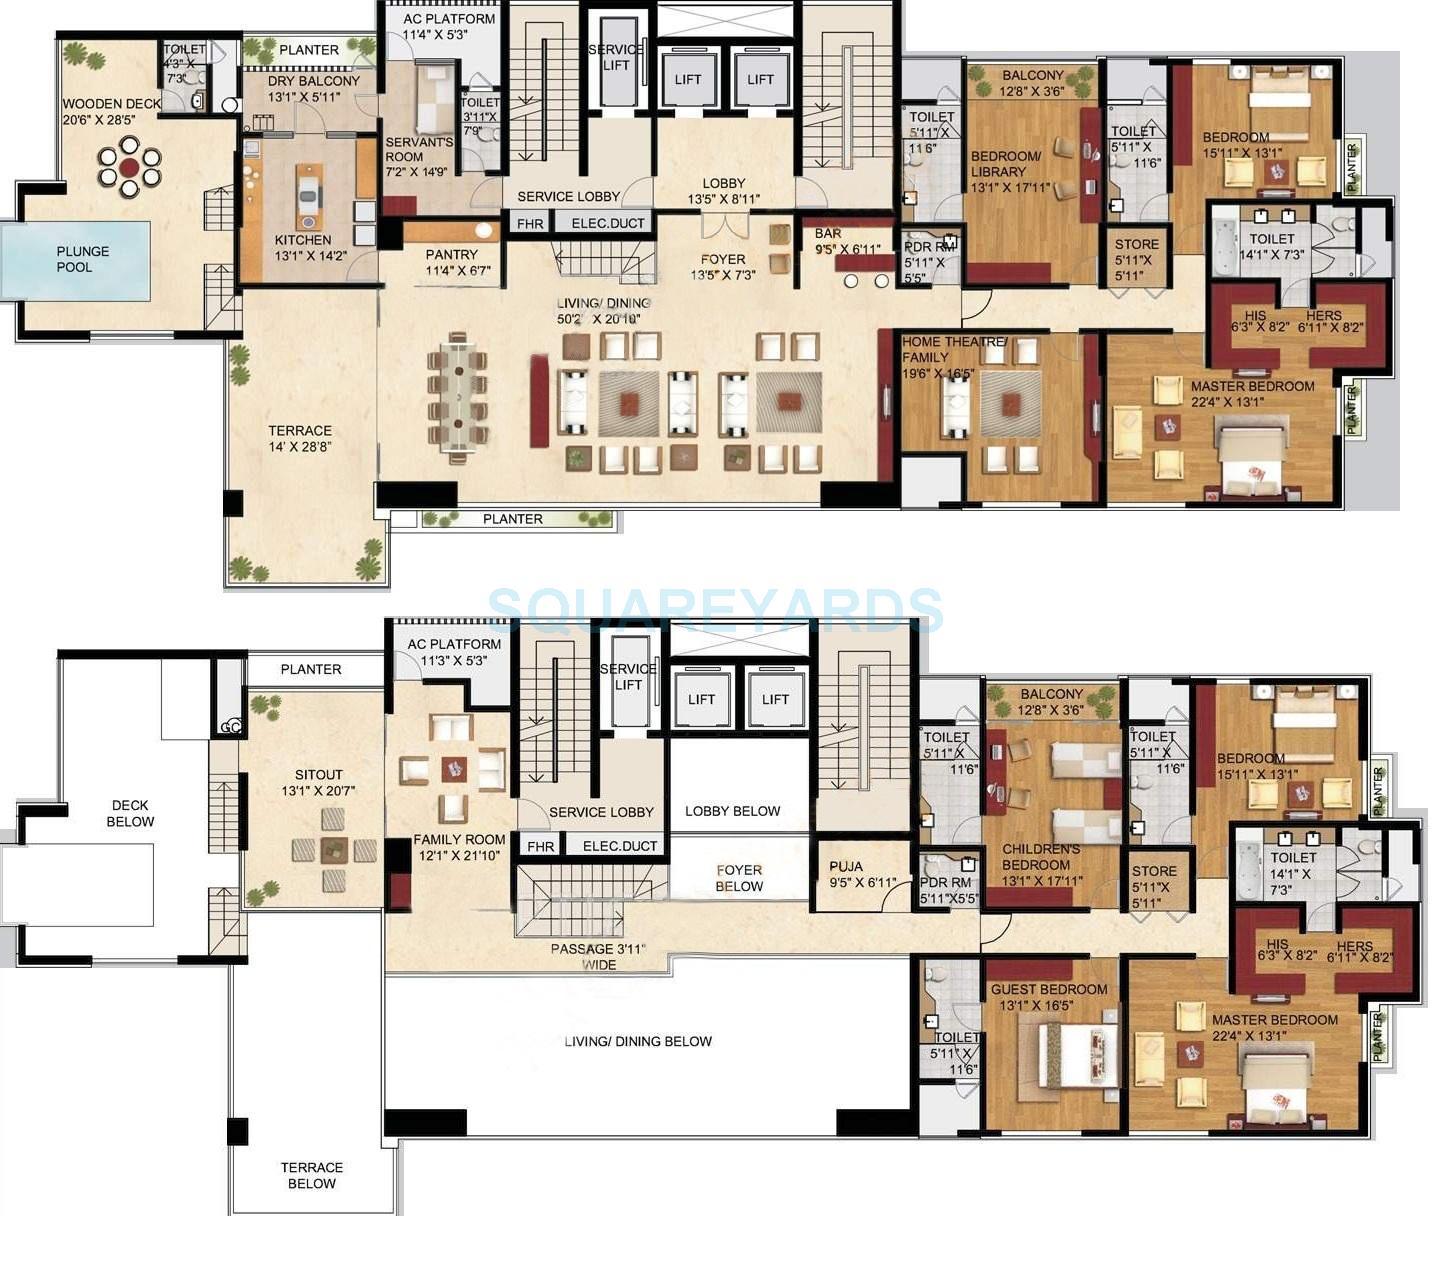 abil castel royale magnifique apartment 7bhk 8400sqft1